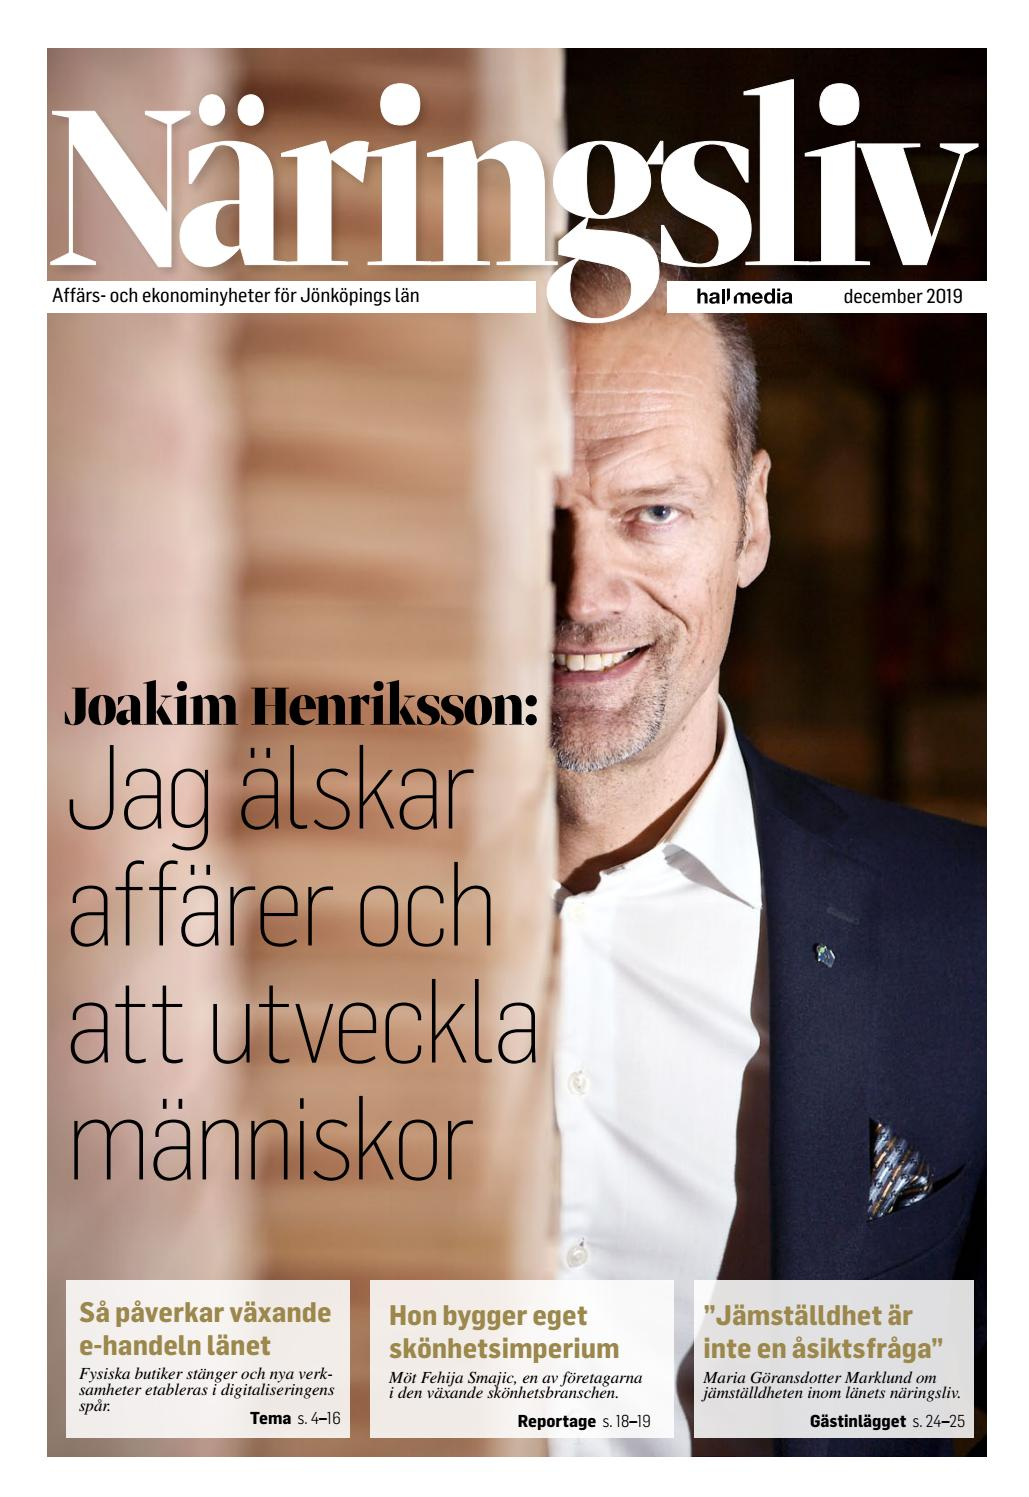 Robert Hrnfeldt, Bostllevgen 15, Landsbro | satisfaction-survey.net